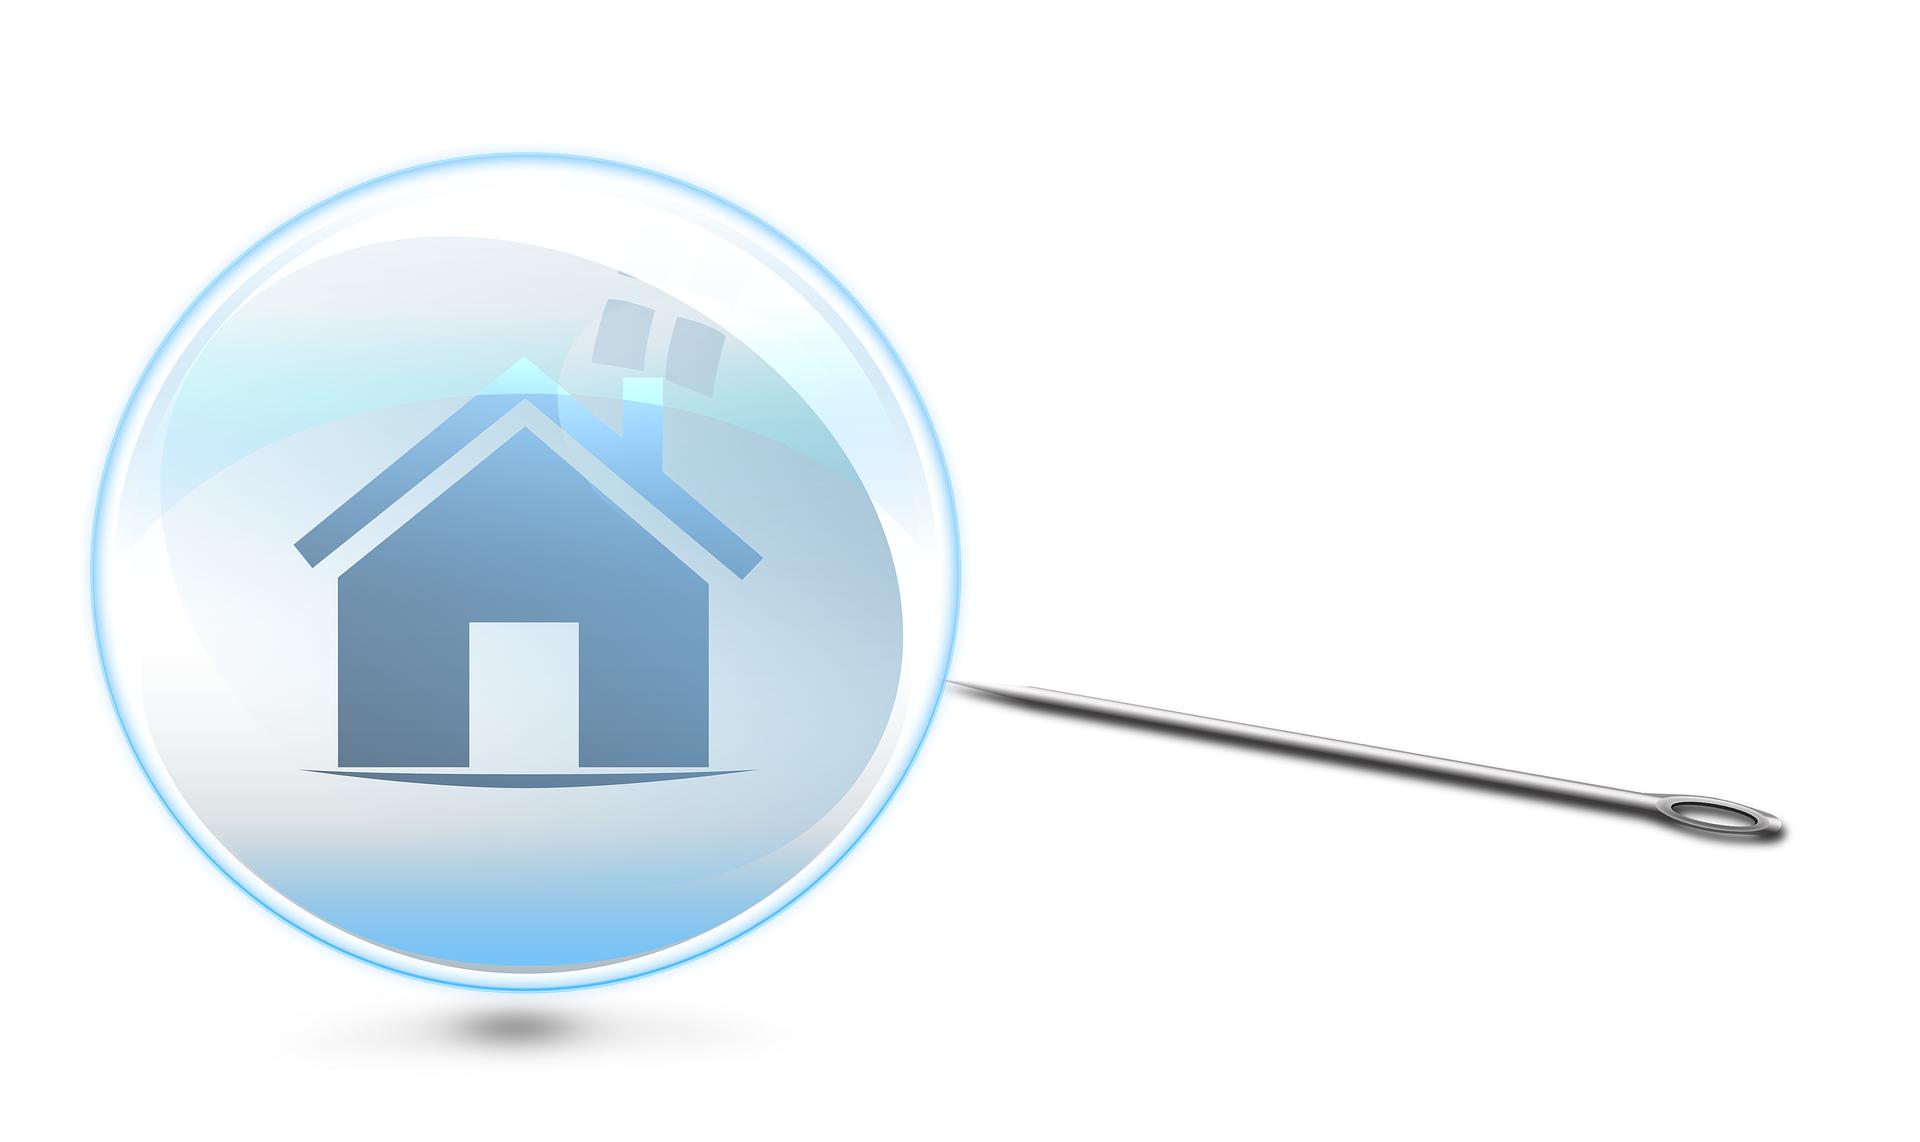 Wohnimmobilien weiter stark nachgefragt